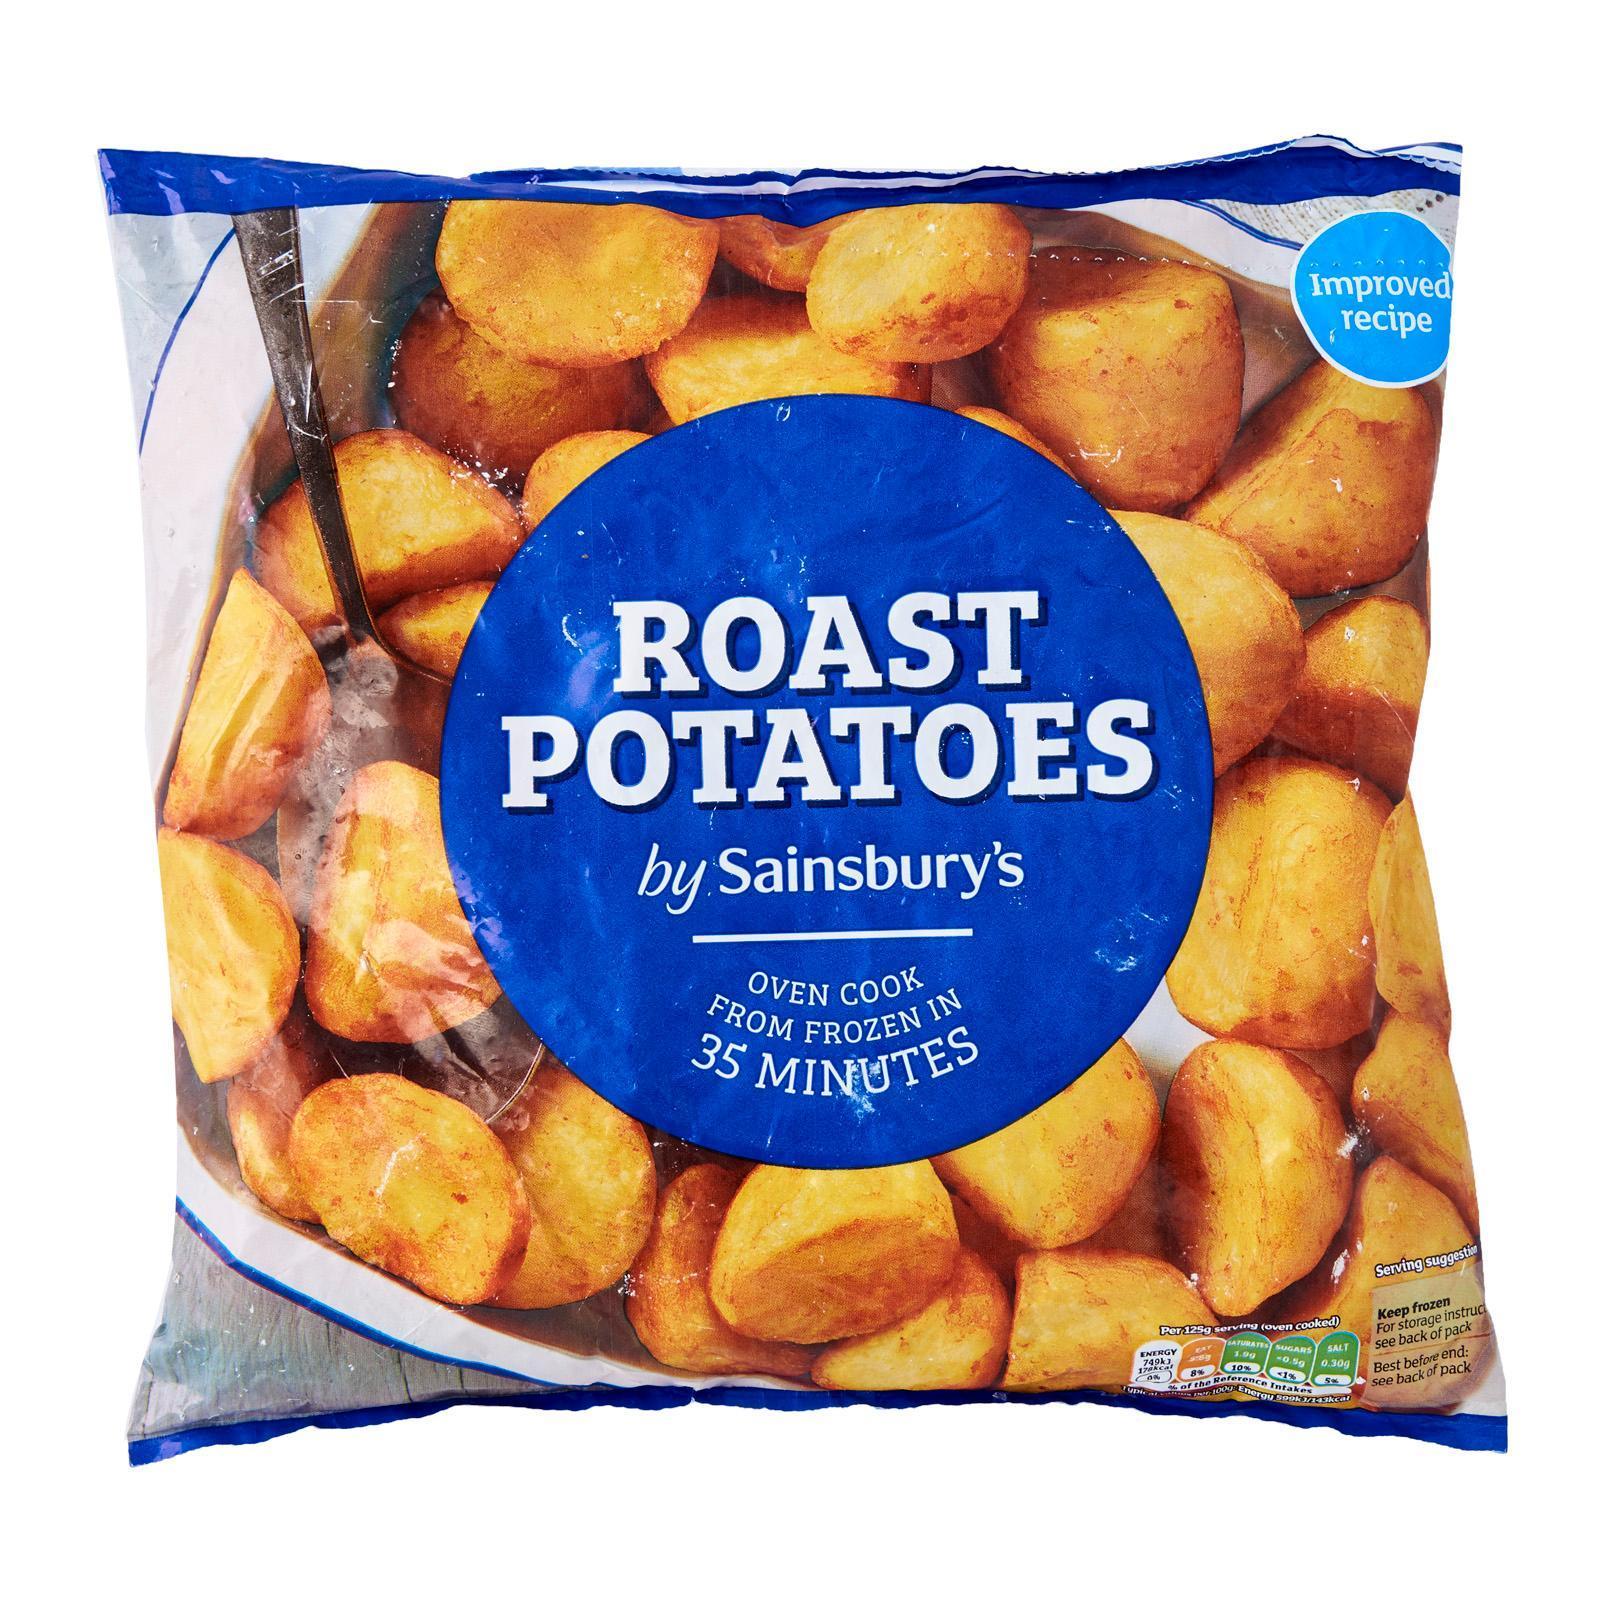 Sainsbury's Roast Potatoes - Frozen